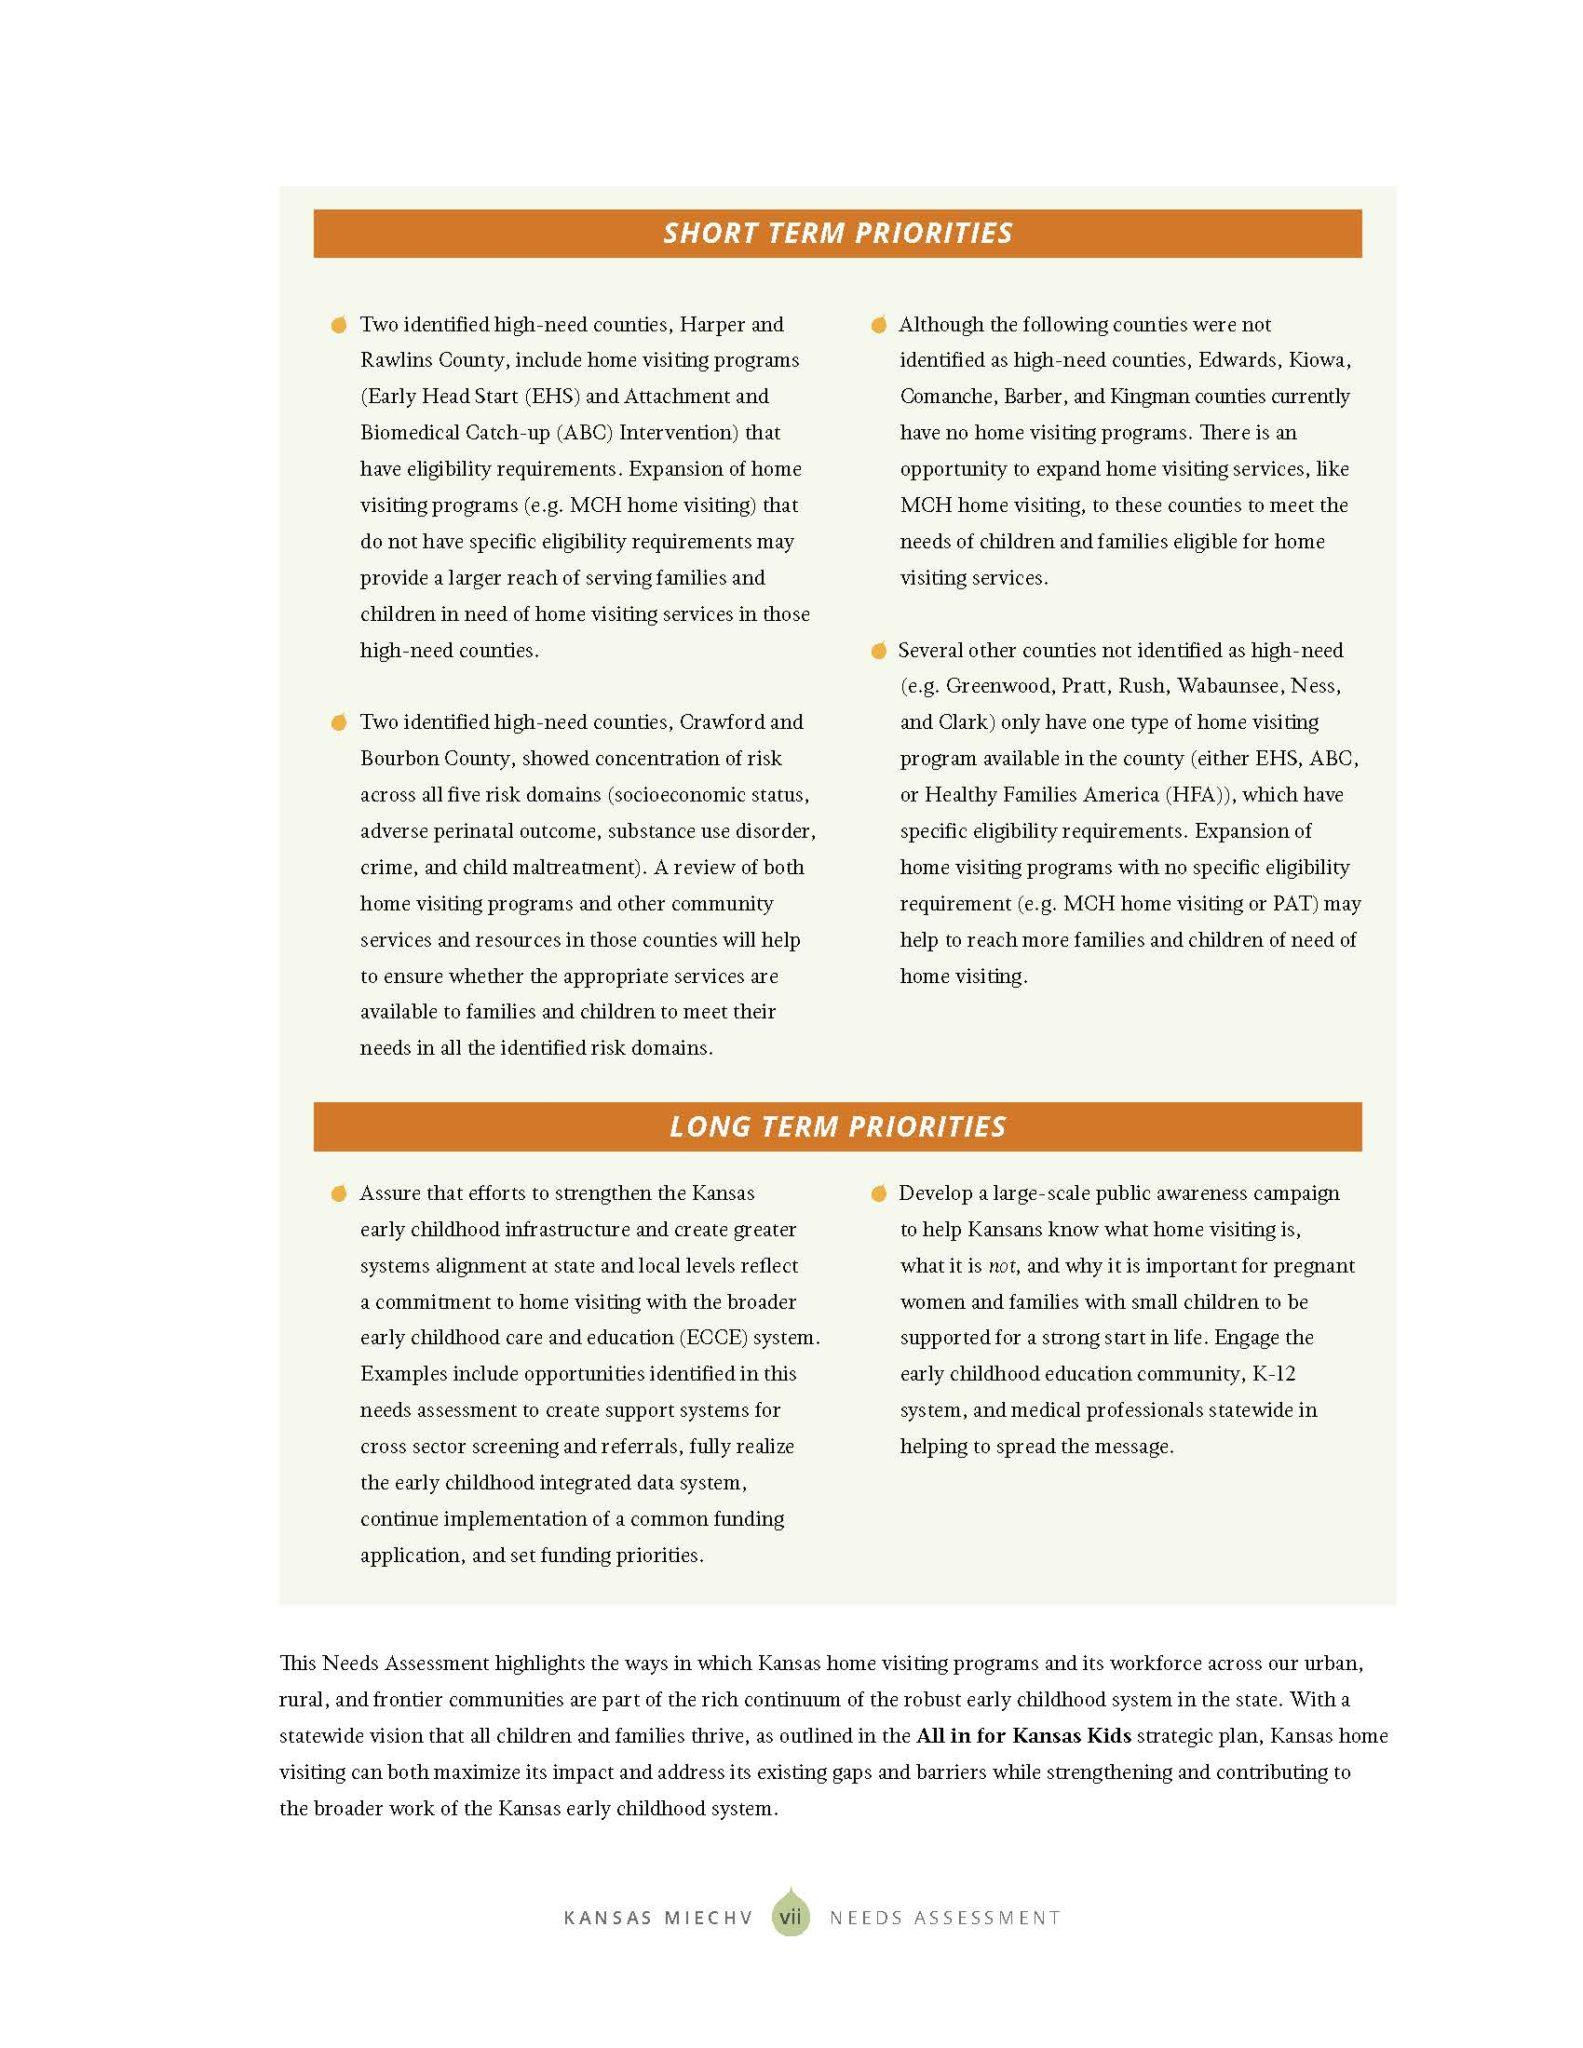 KS MIECHV 2020 Needs Assessment_DIGITAL_Page_008